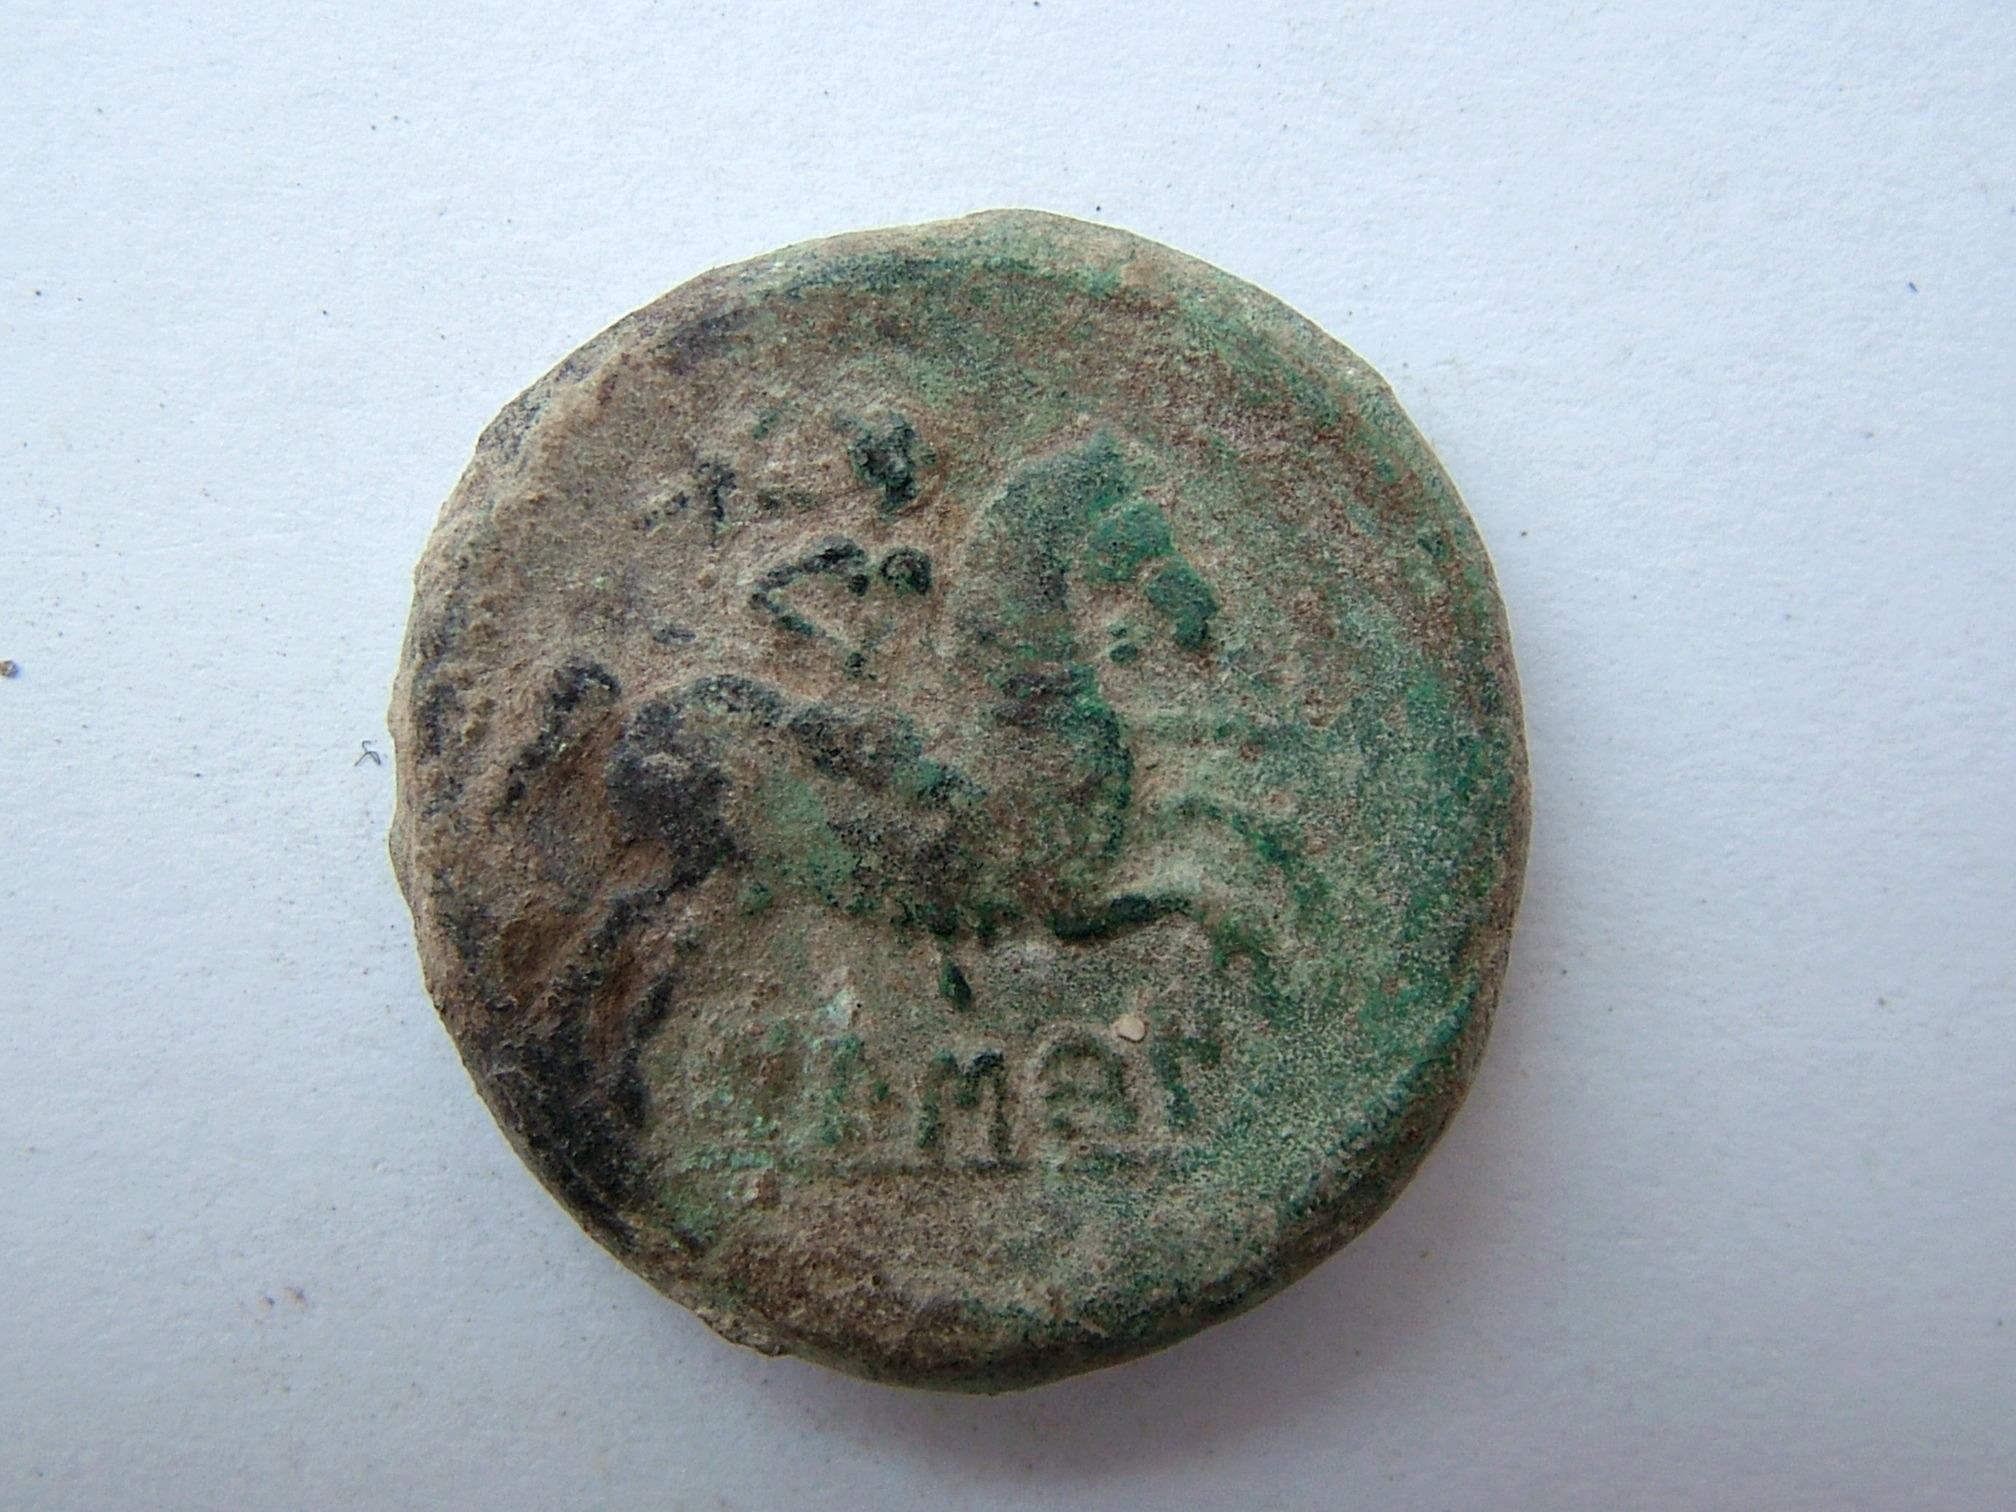 Imágenes a gran escala de pátinas y monedas falsas. Escalofriante (+18). 04_rev10